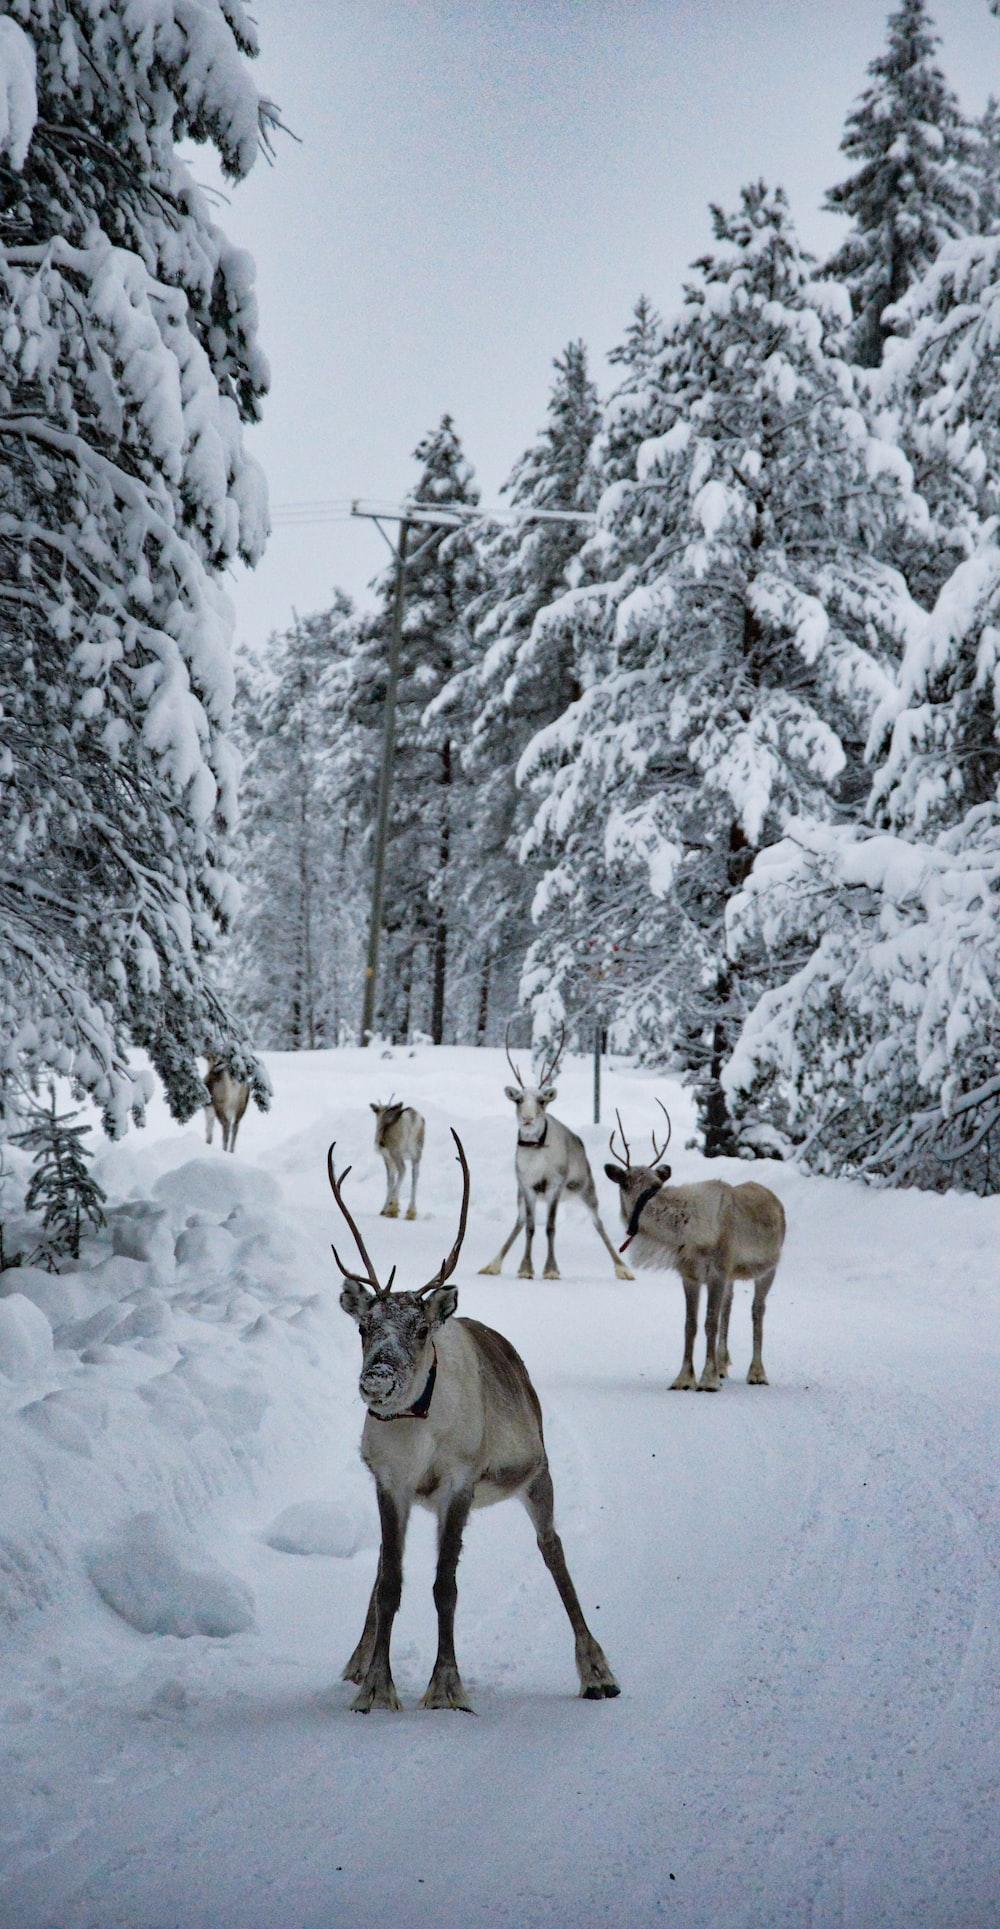 group of deer at snowfield